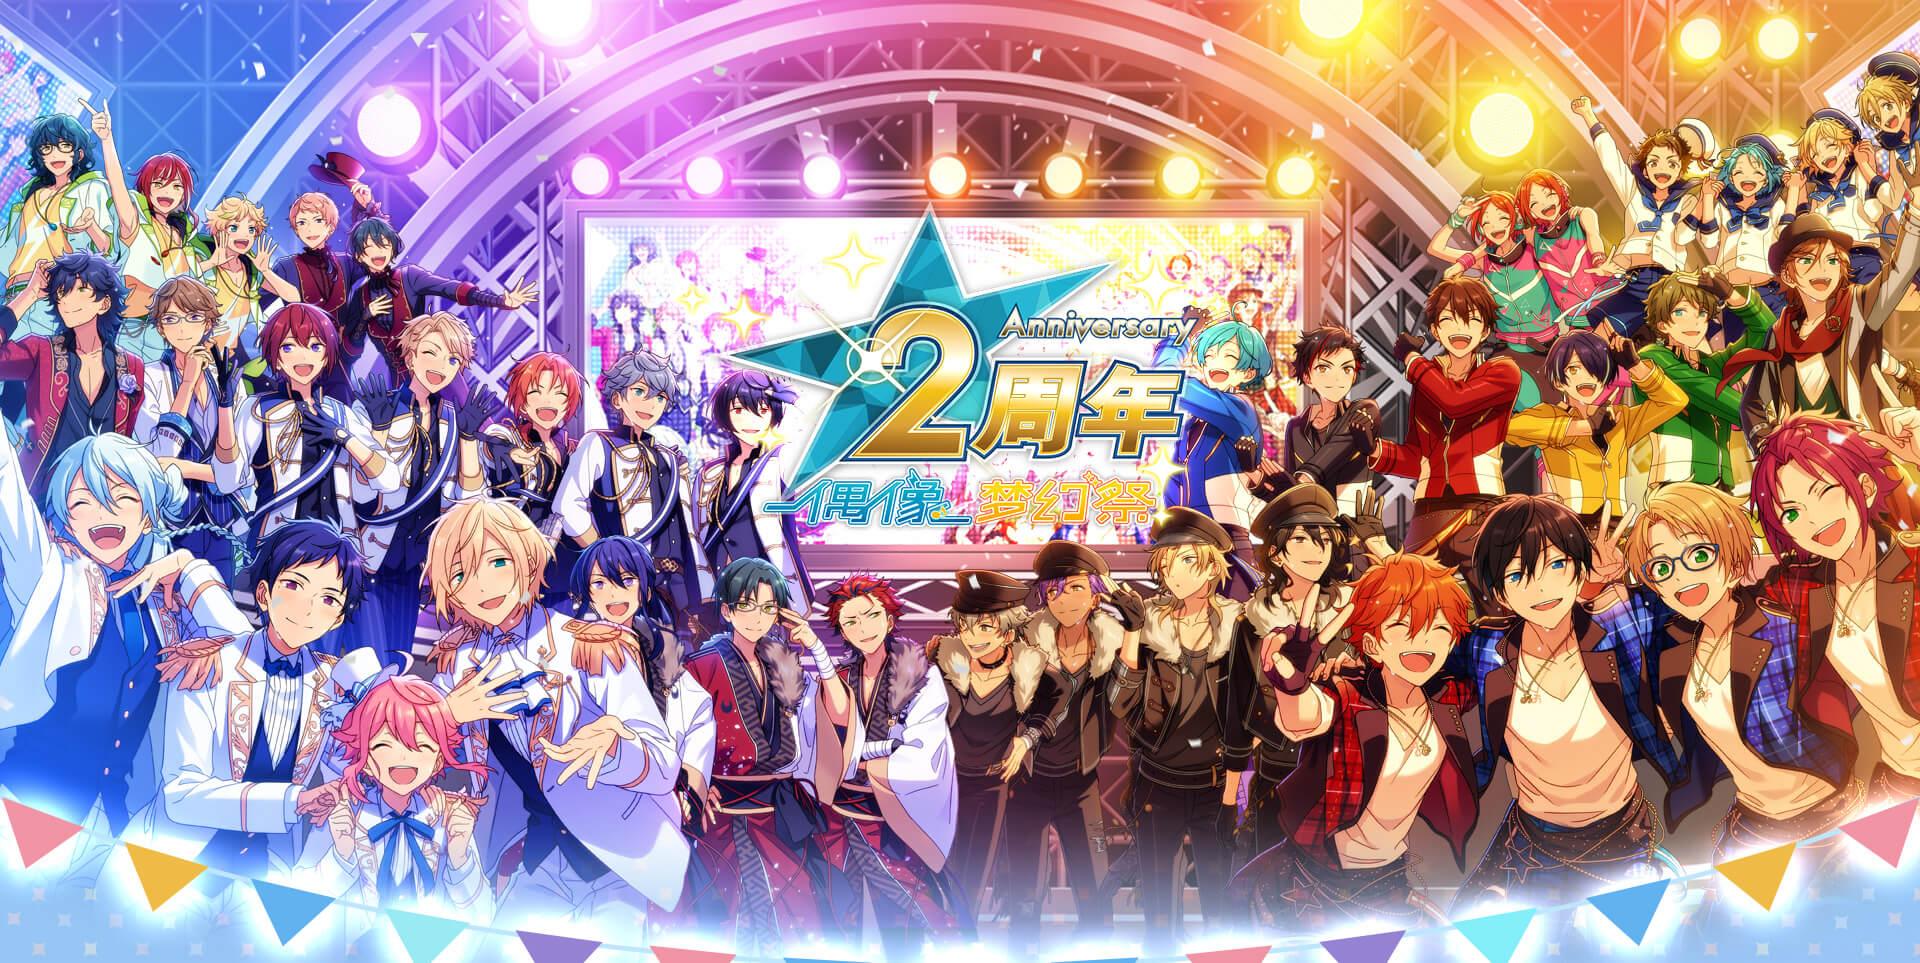 偶像梦幻祭 2周年庆典